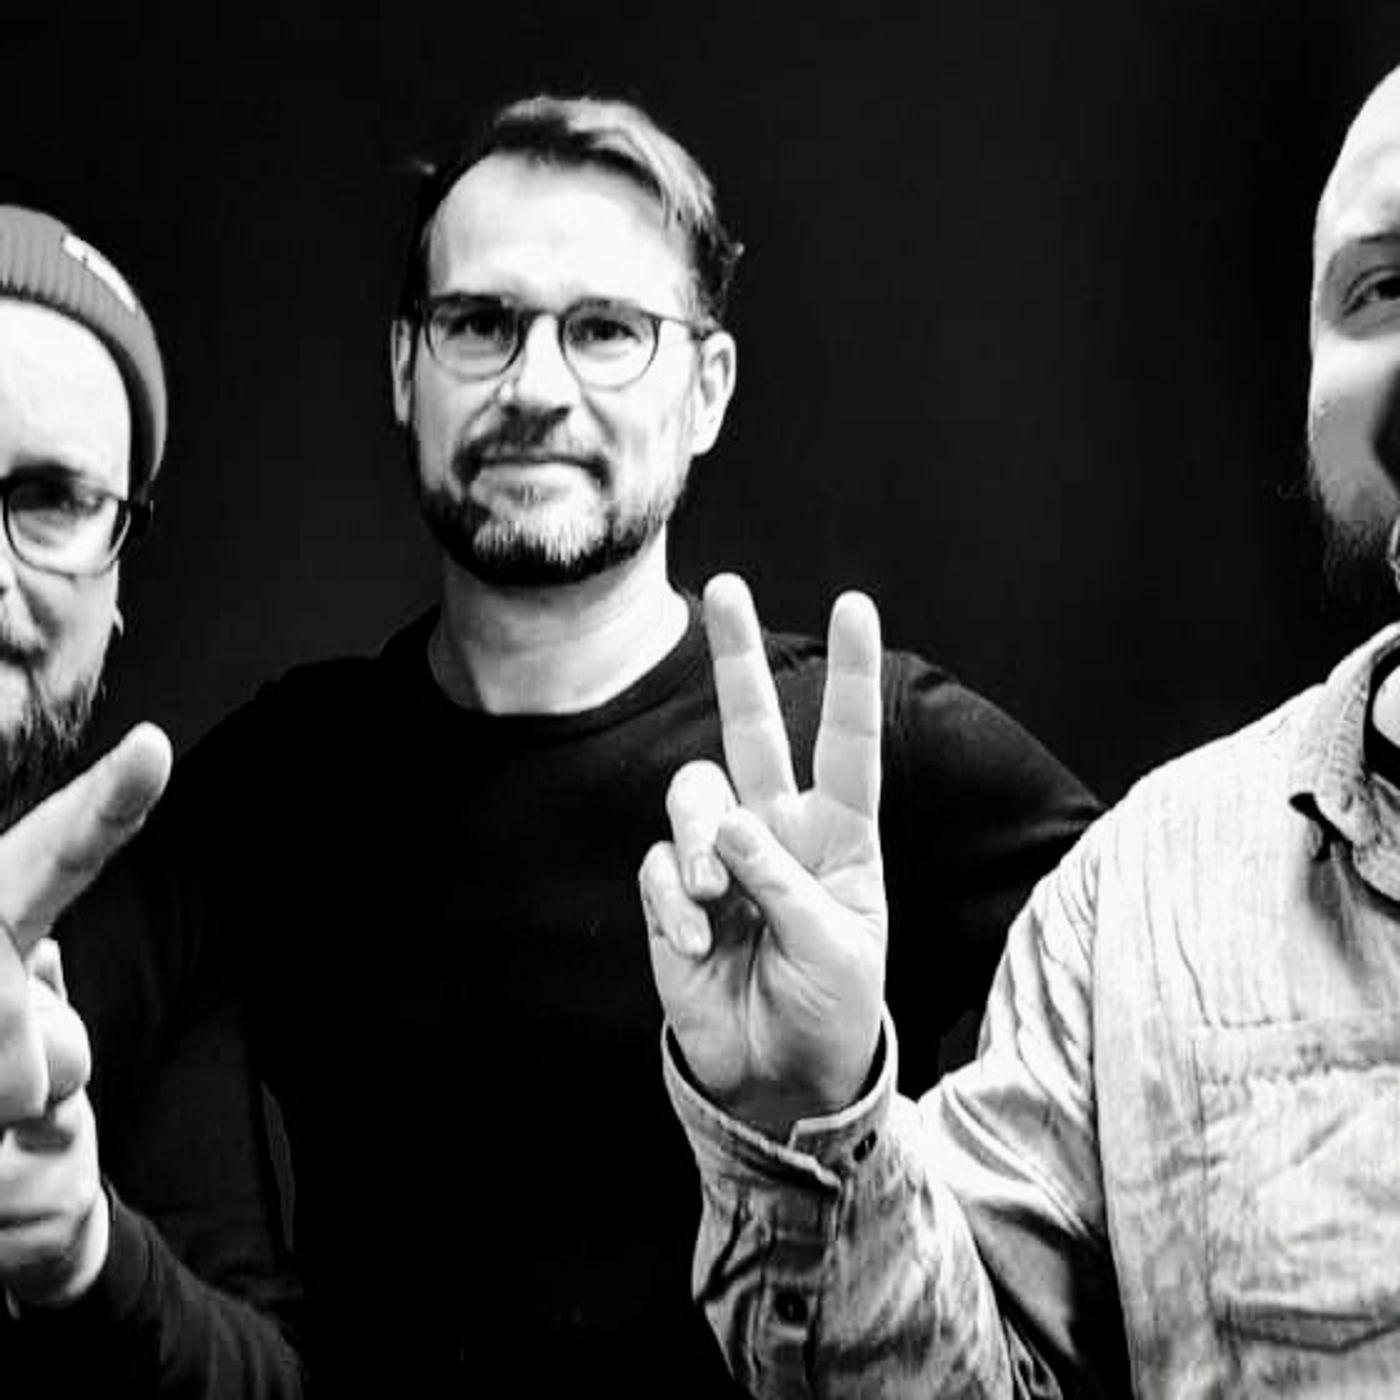 #60 - Psykoterapeutti ja parisuhdepodcastaaja Juha Petterson